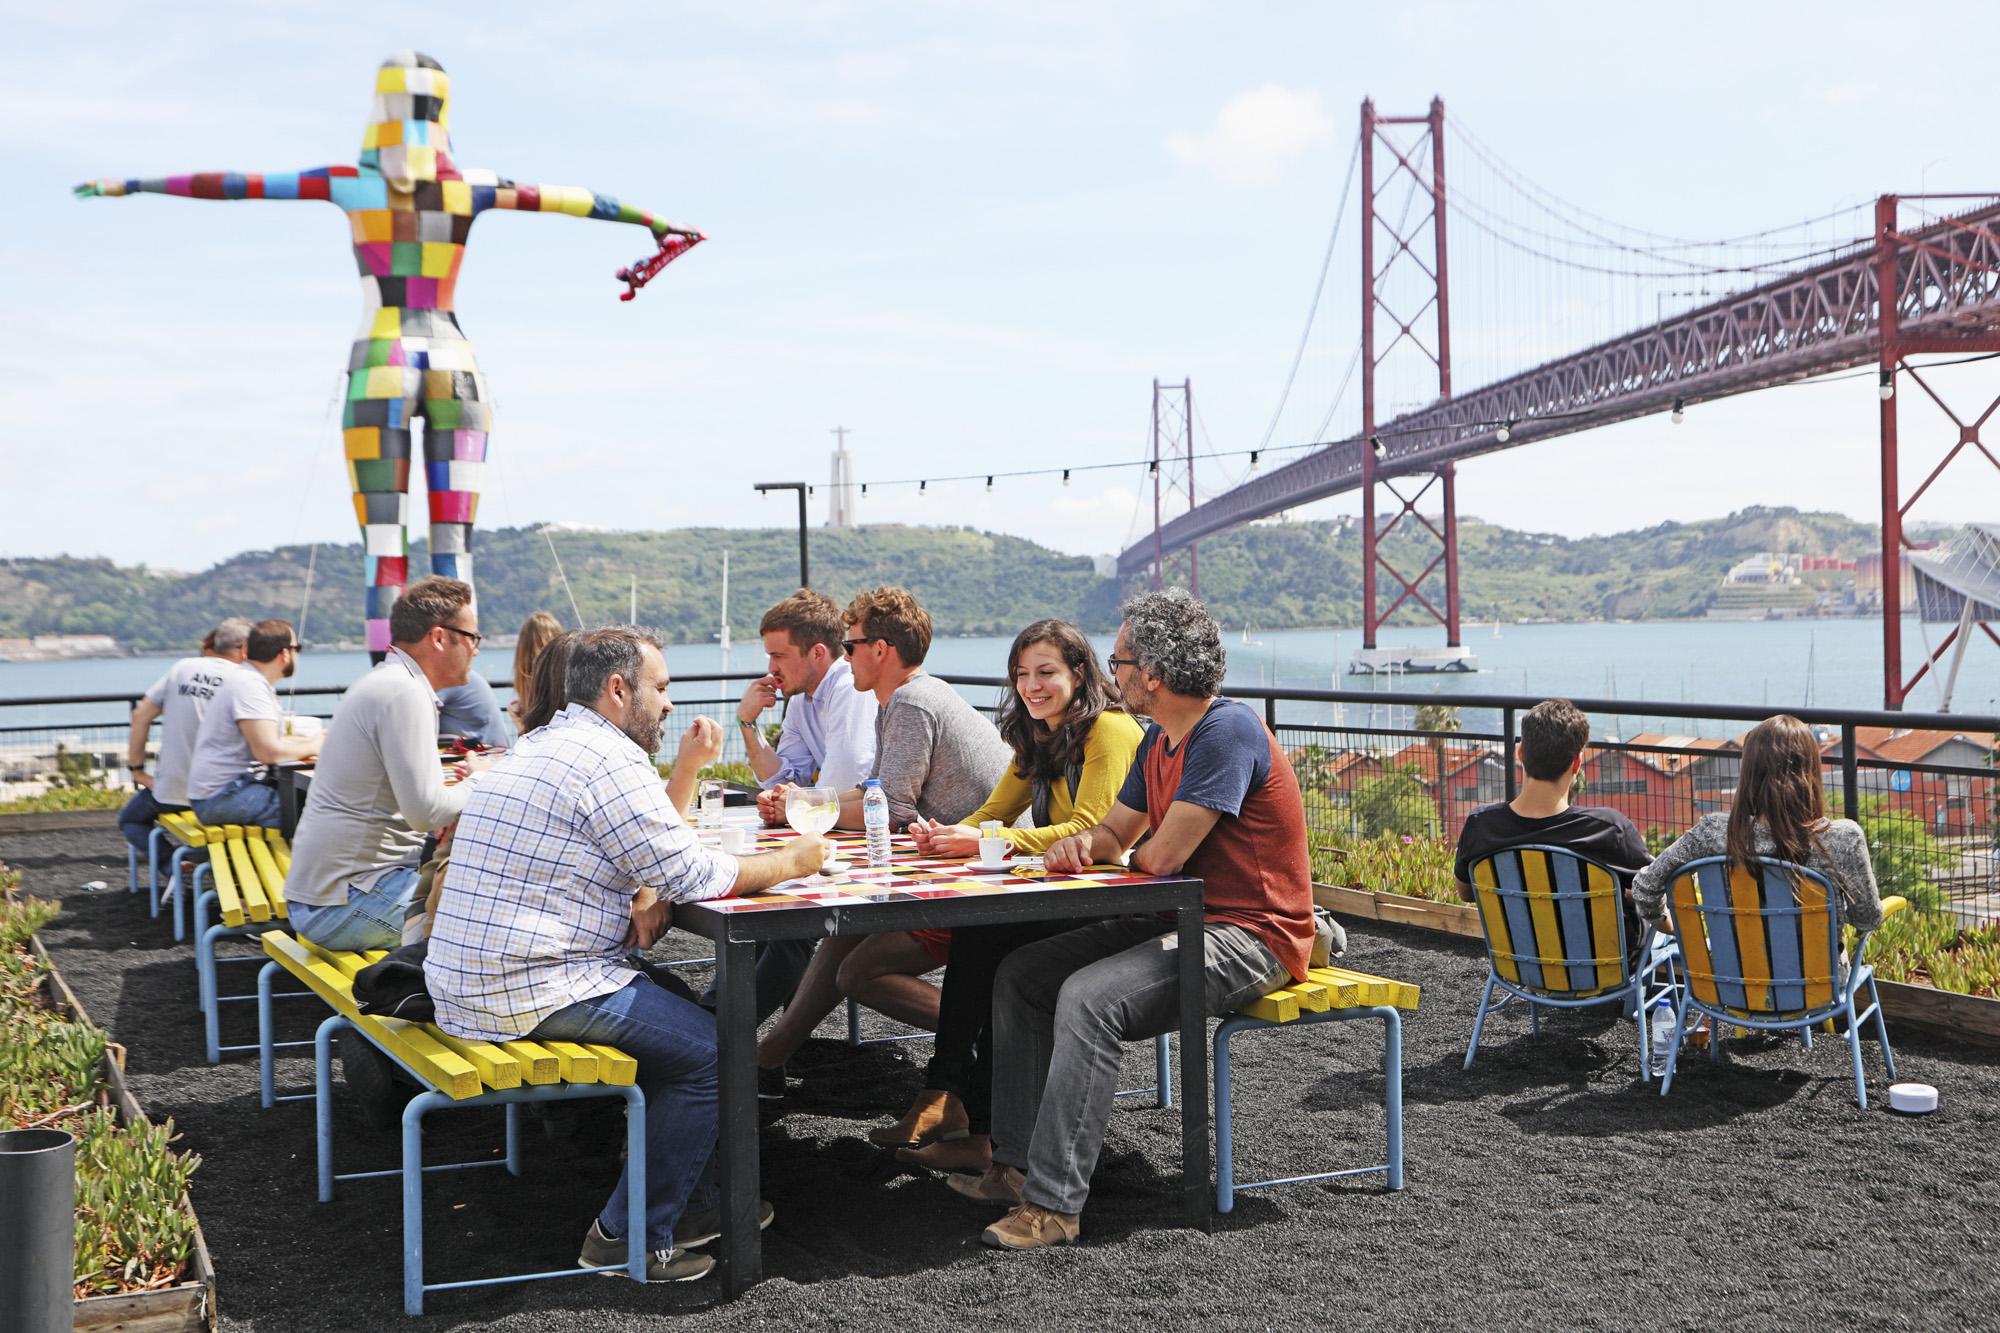 Portugal, Lissabon, Alcantara Viertel, Lx Factory, ehemalige Garn und Stofffabrik, Barun & Restaurant Marvilha, Brücke 25 de Abril